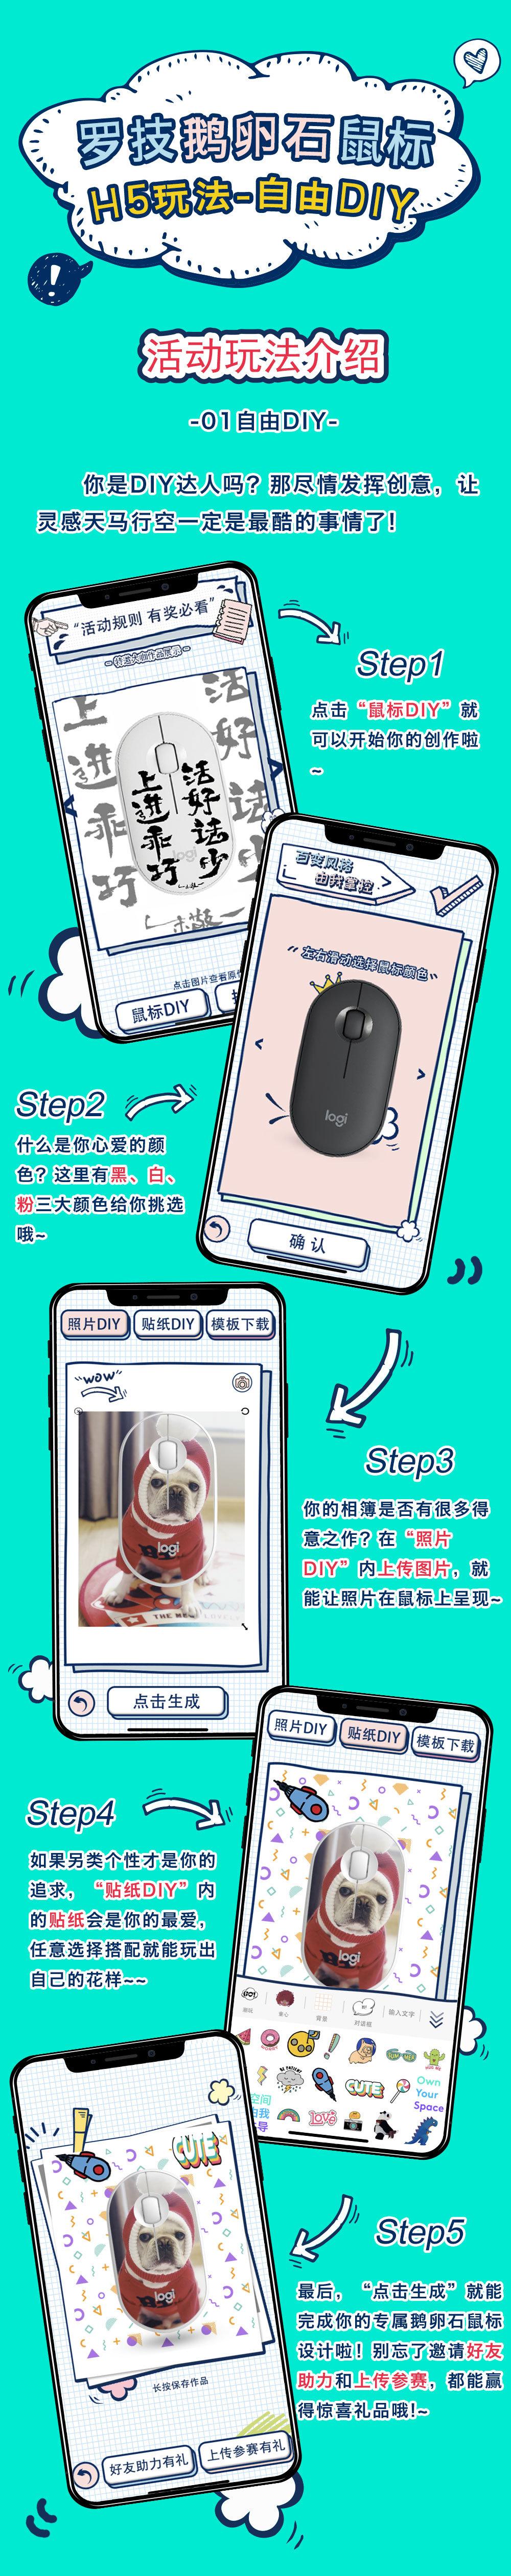 重要通知:@罗技中国 鹅卵石pebble鼠标DIY大赛我的心也是痒痒的啊